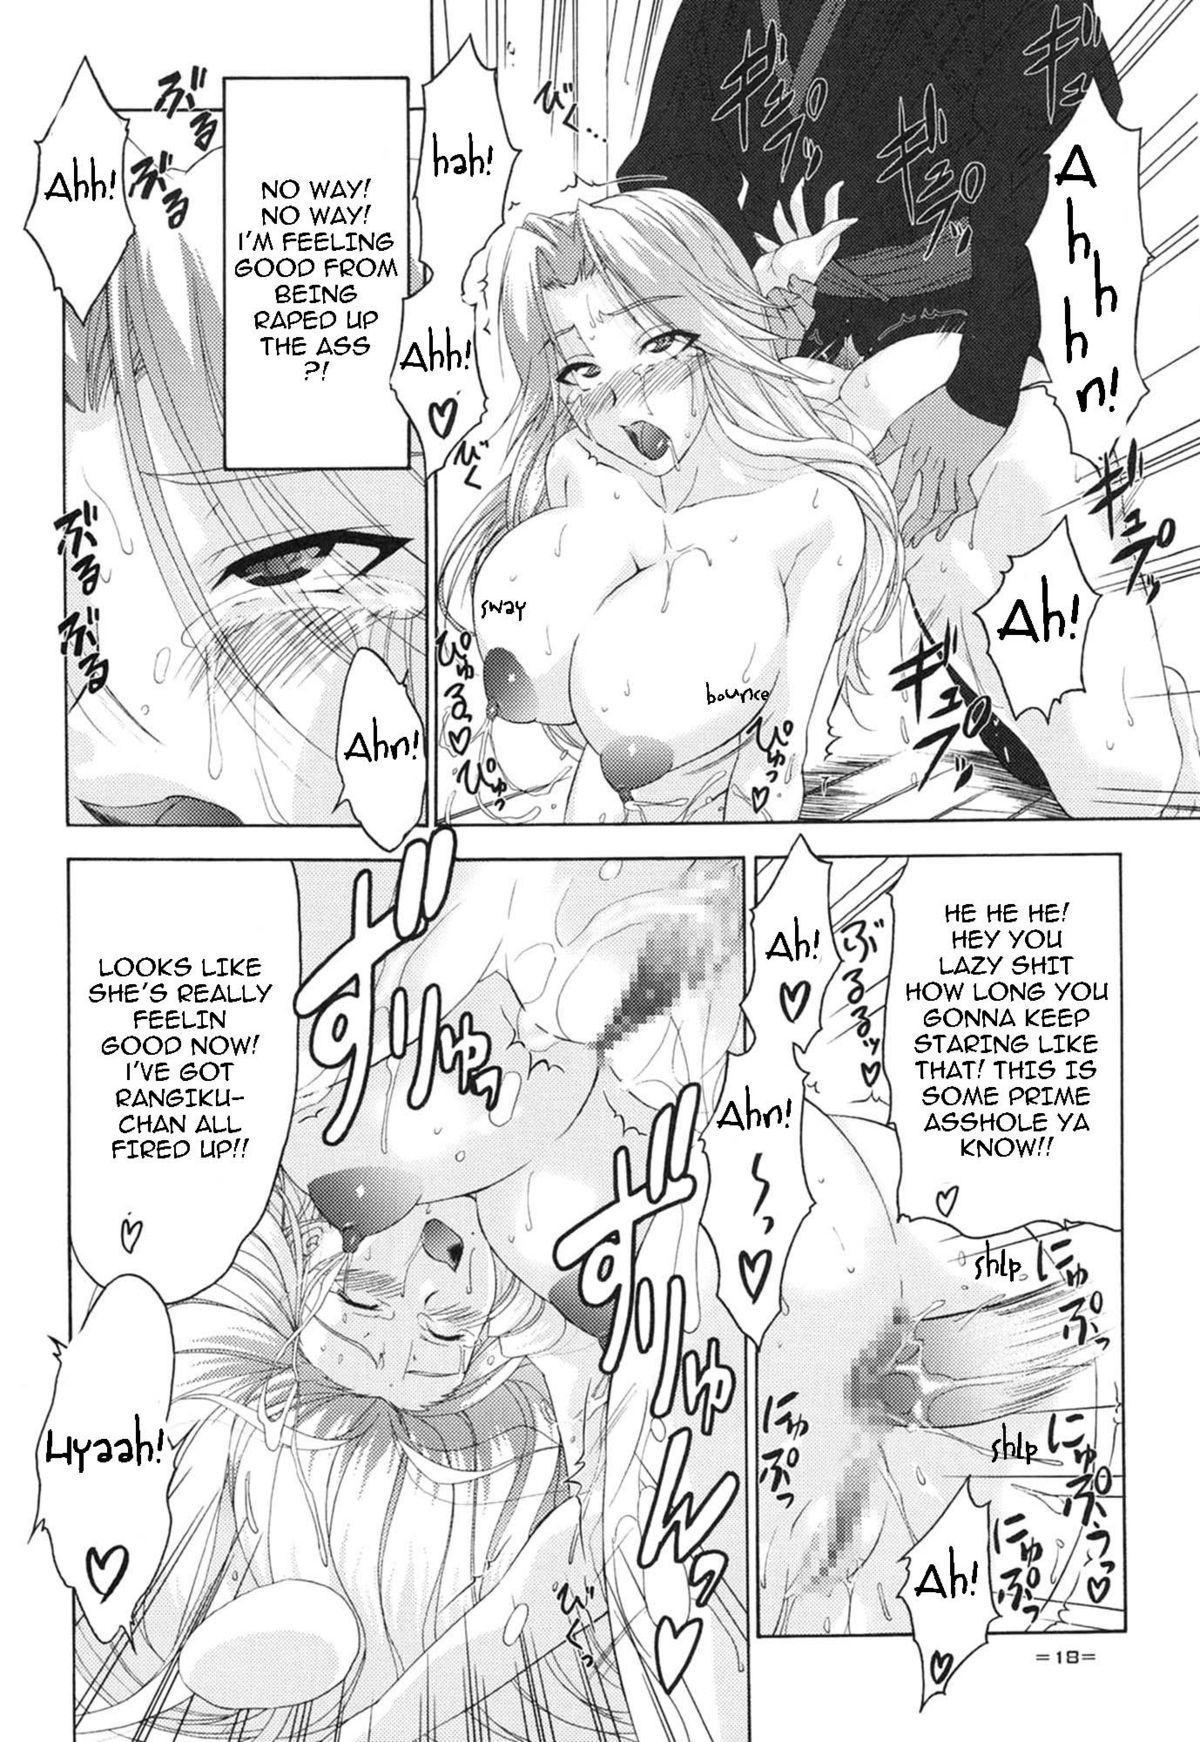 (SC35) [Tsurikichi Doumei (Shiomi Yuusuke)] Neko na Hito, Kiku na Hito ~Neko na Hito Hachi na Hito 2~ / Shiomi Yuusuke Kojinshi (Bleach) [English] 16